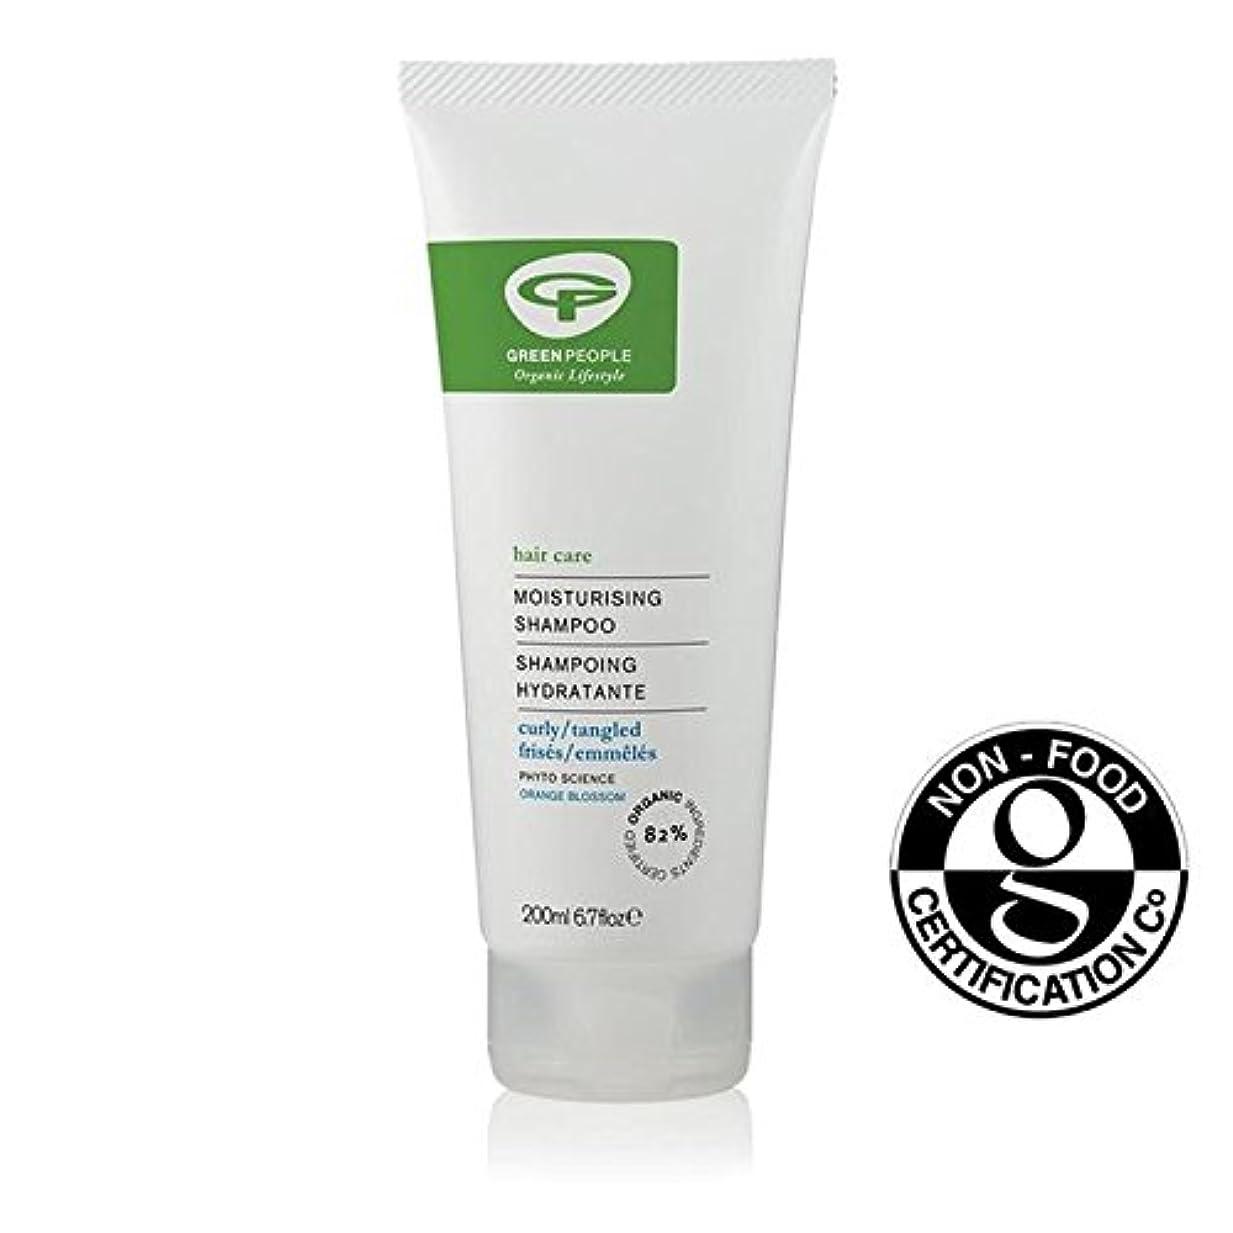 がっかりした廃止勇気Green People Organic Moisturising Shampoo 200ml (Pack of 6) - 緑の人々の有機保湿シャンプー200ミリリットル x6 [並行輸入品]